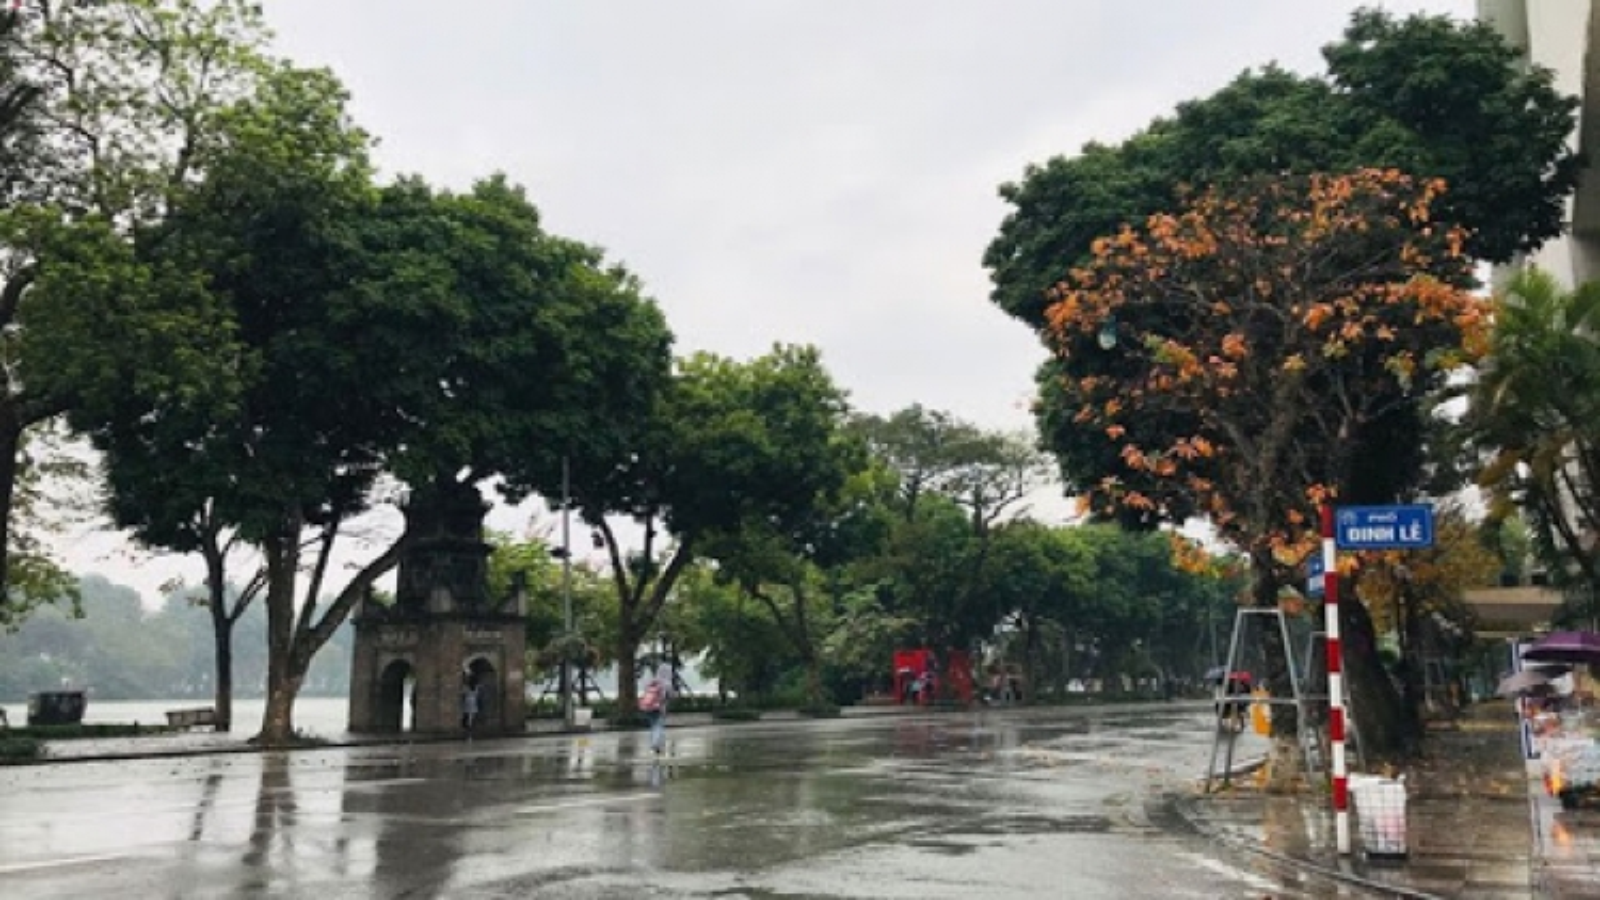 Dự báo thời tiết ngày 12/3: Miền Bắc mưa nhỏ vài nơi, Nam Bộ nắng nóng